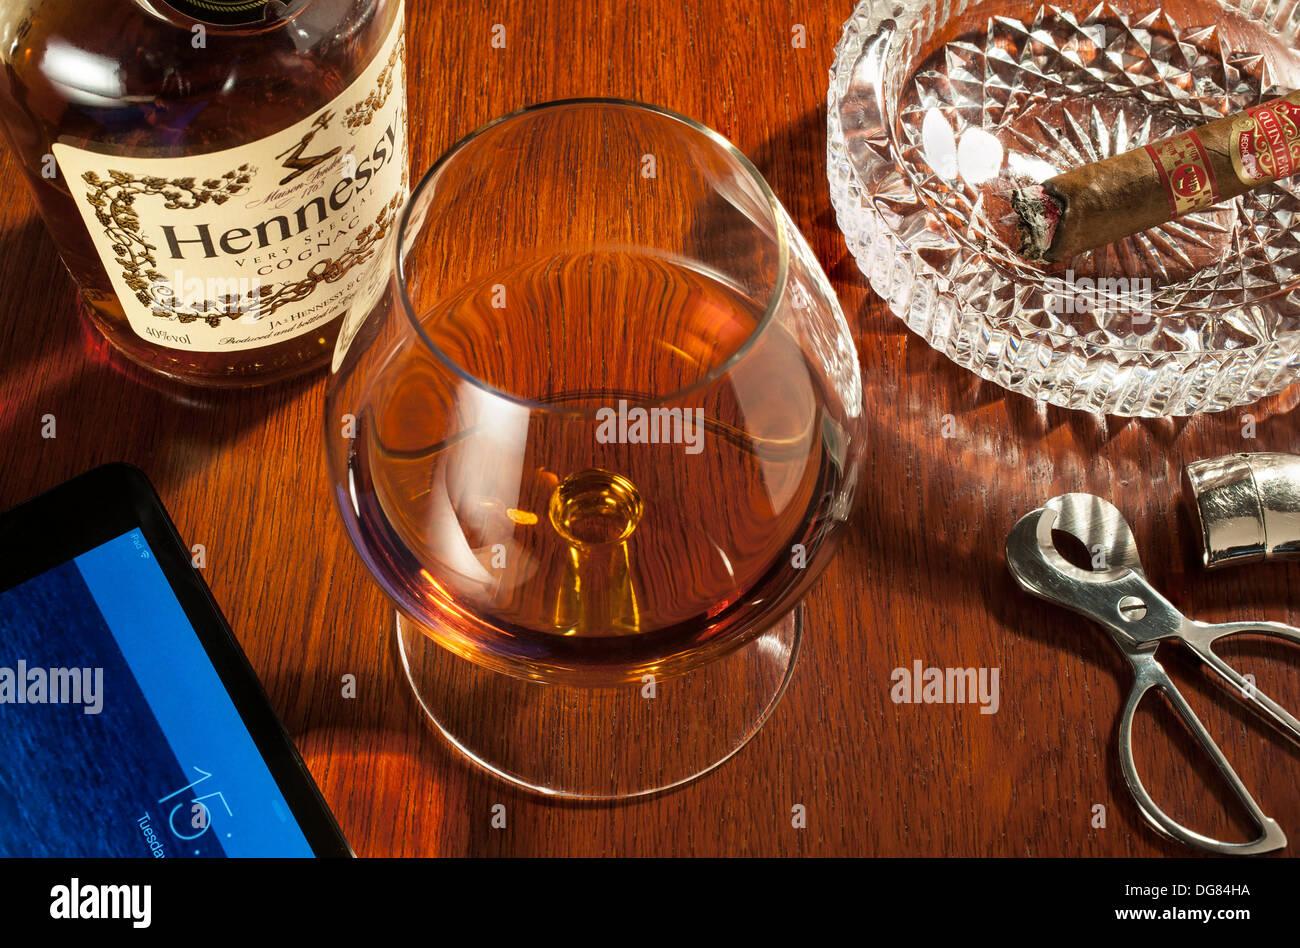 Schnaps und Zigarren - ein Cognac-Schwenker Glas Hennessy Cognac mit einem Teil geraucht, Zigarre in den Aschenbecher Stockbild